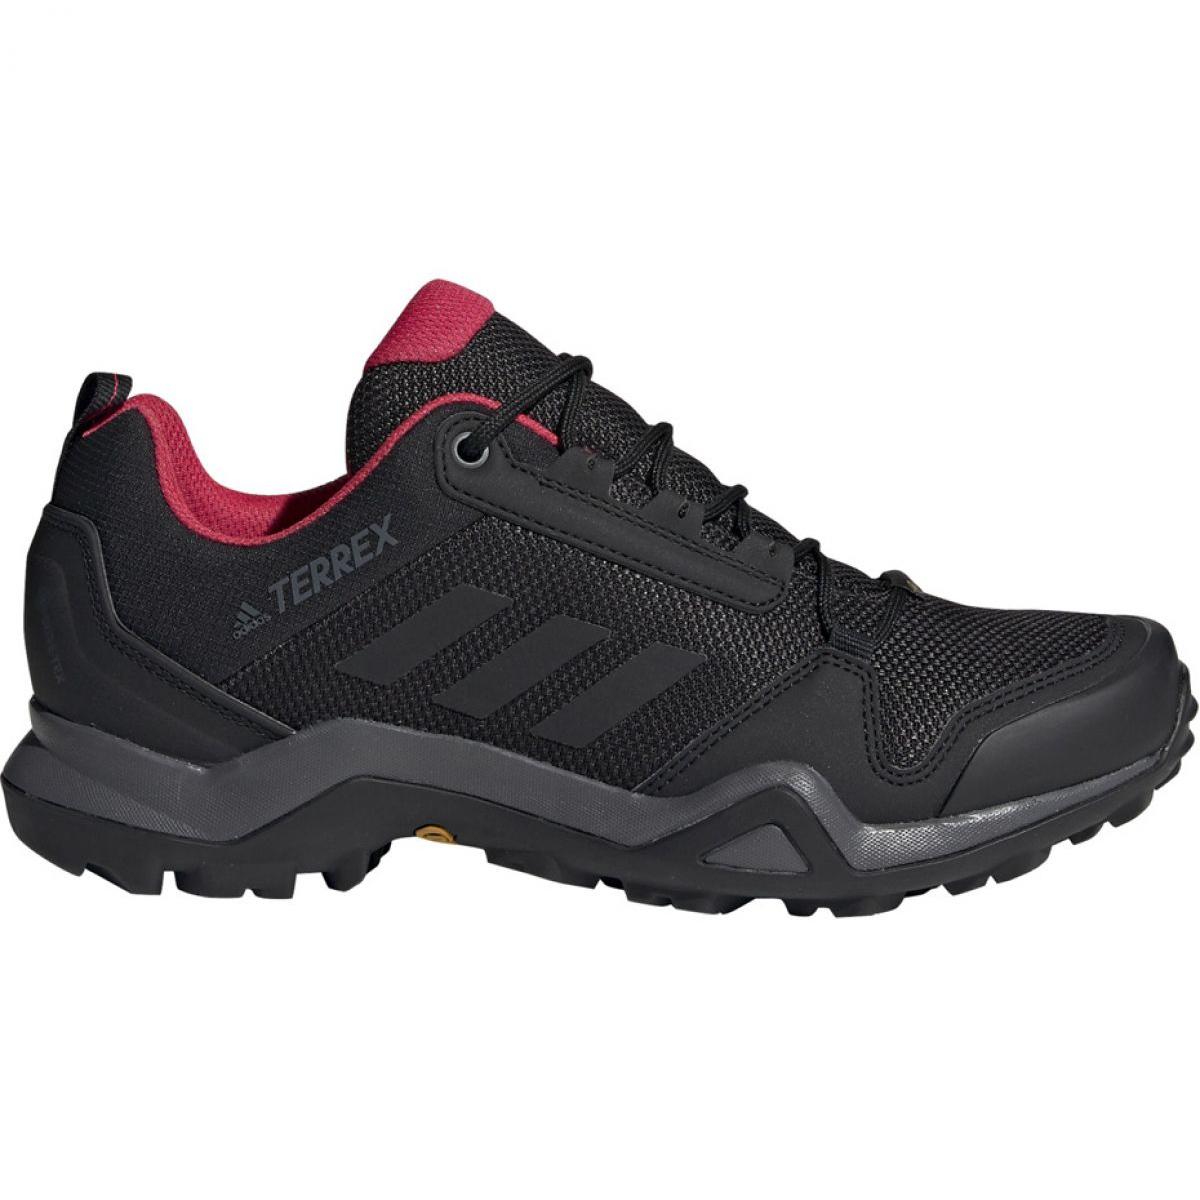 adidas scarpe da montagna